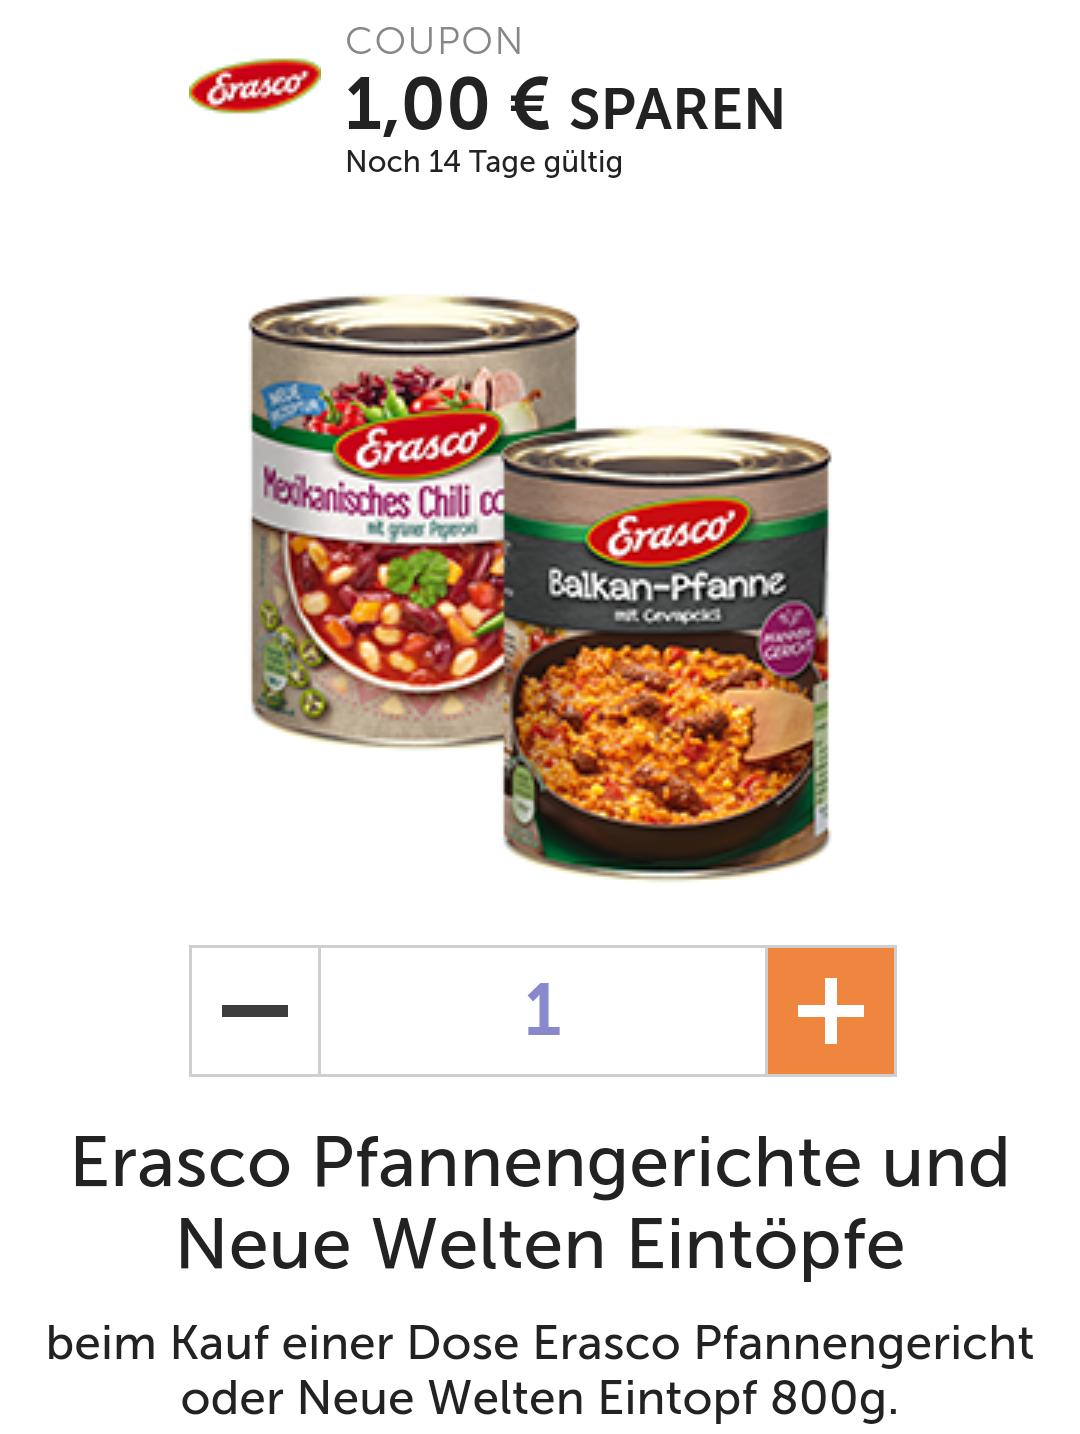 1€ auf eine Dose Erasco Pfannengericht oder Neue Welten Eintopf 800g